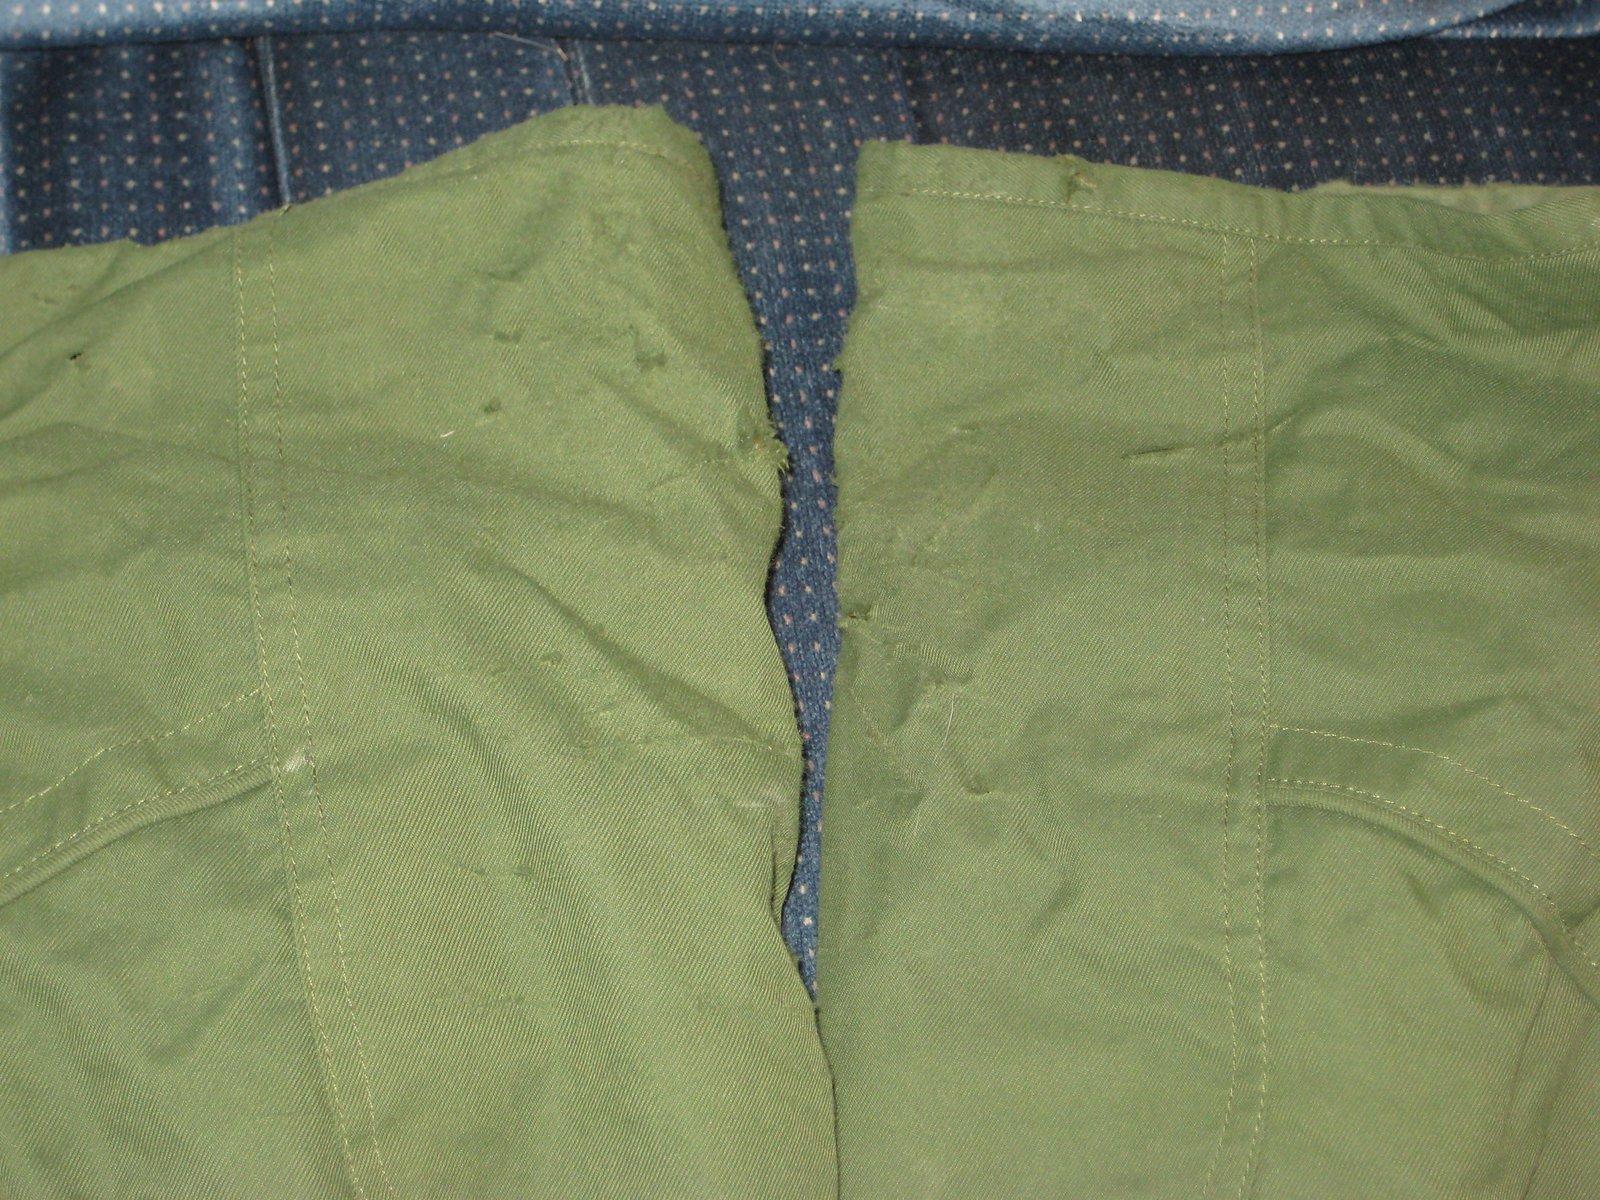 O Pants Bottom